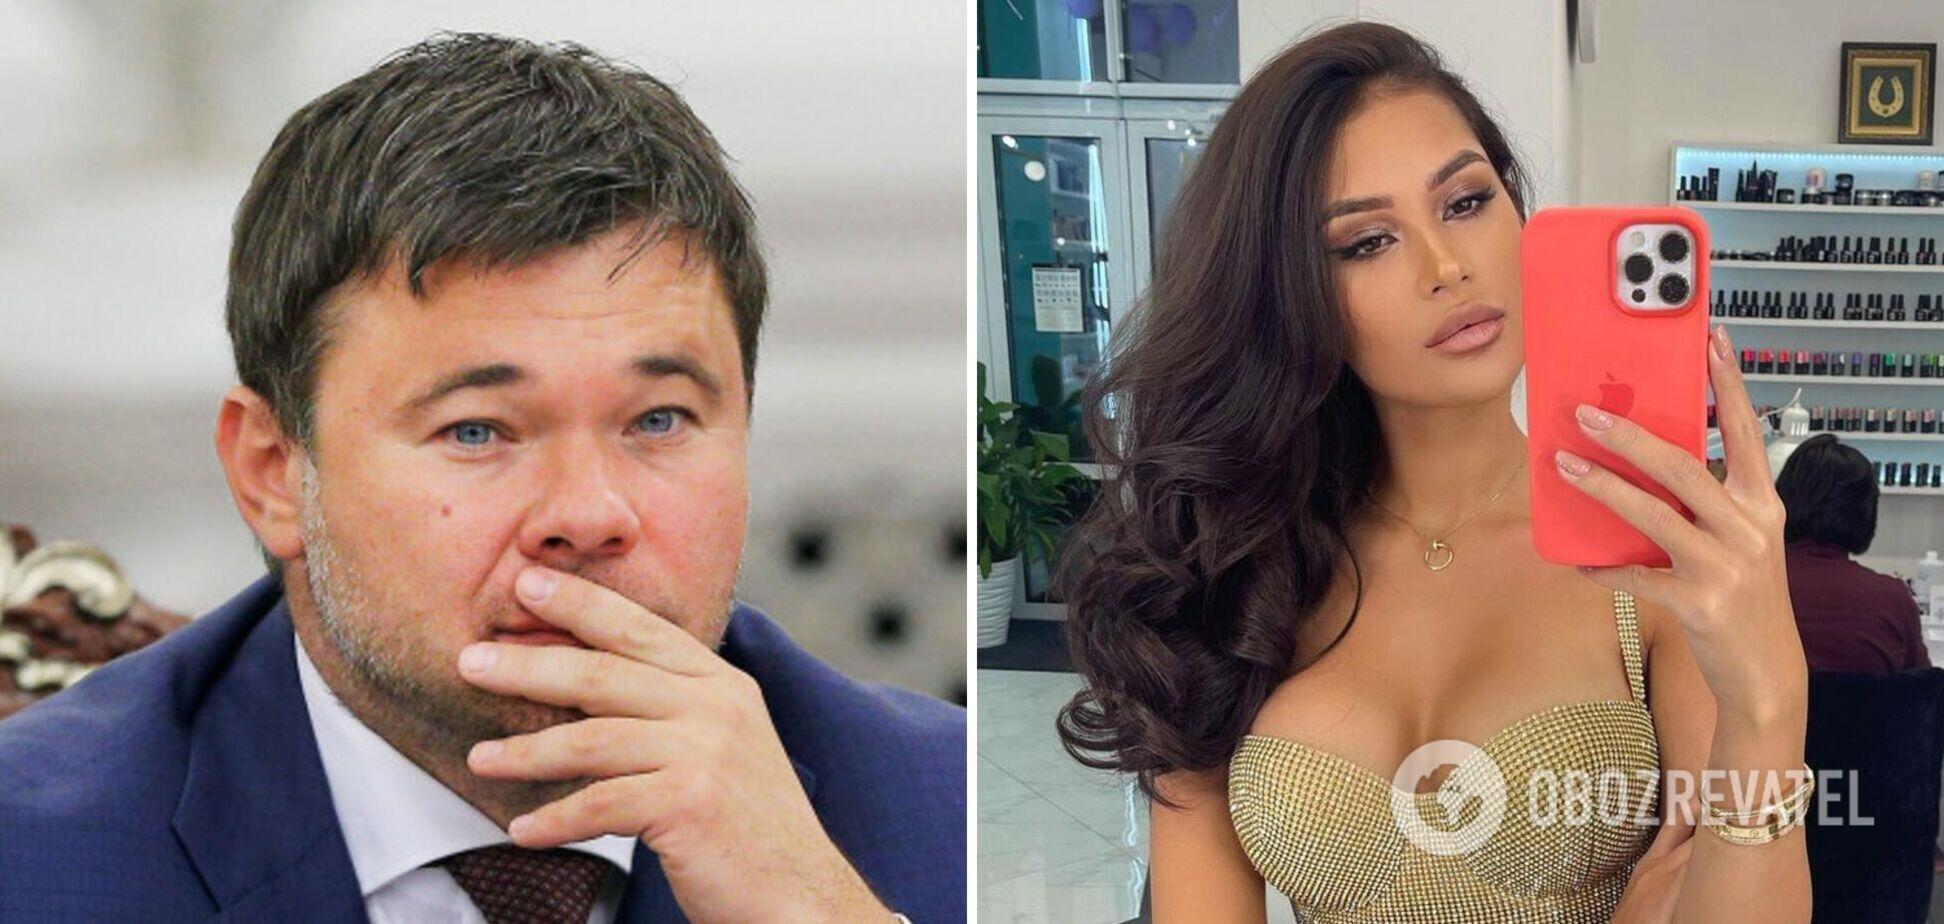 Нова дівчина Андрія Богдана засвітилася в ЗМІ: як вона виглядає